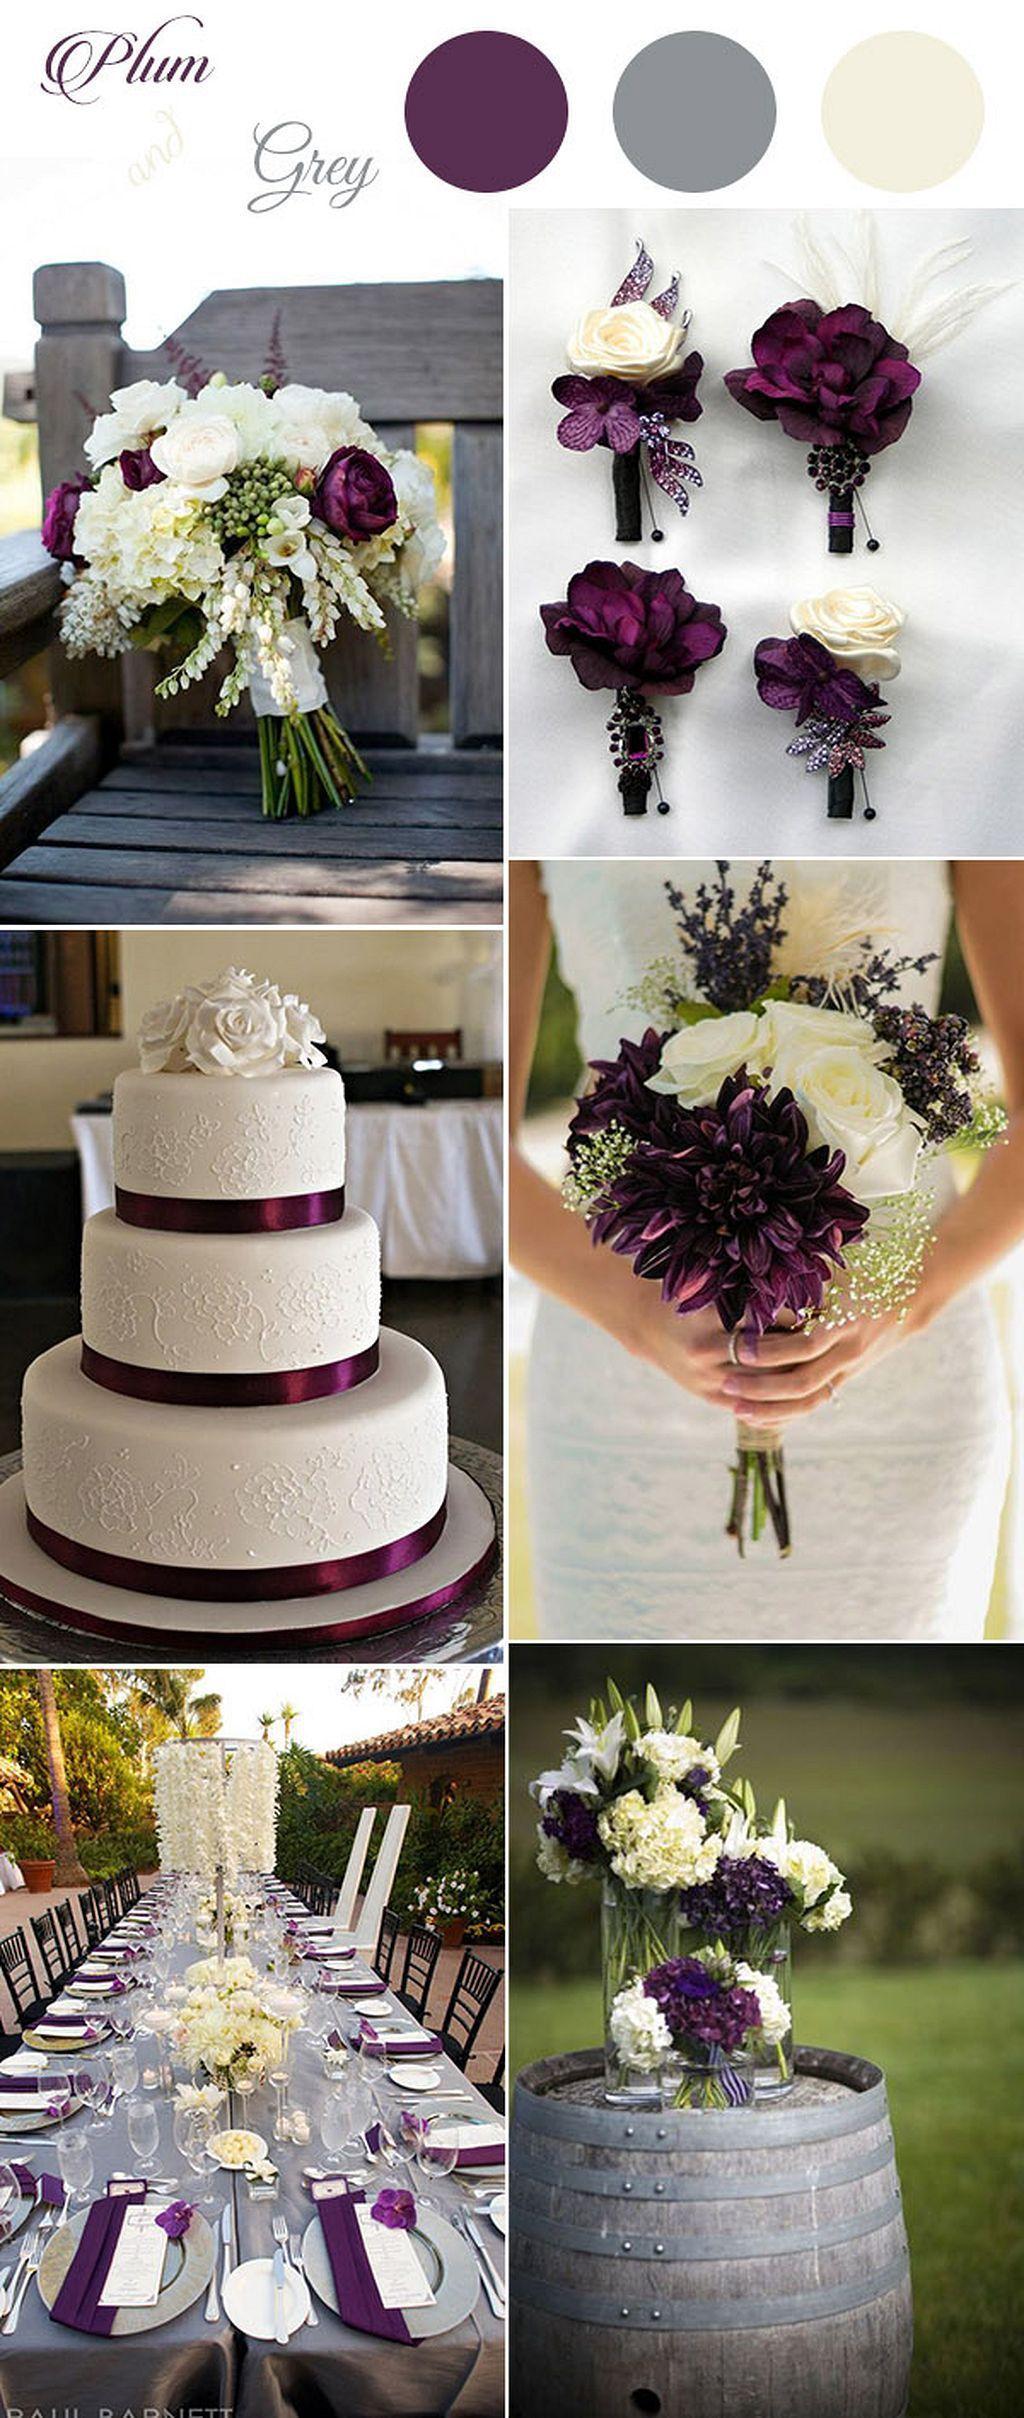 Lilac wedding decoration ideas  Plum purple and grey elegant wedding color ideas   Wedding